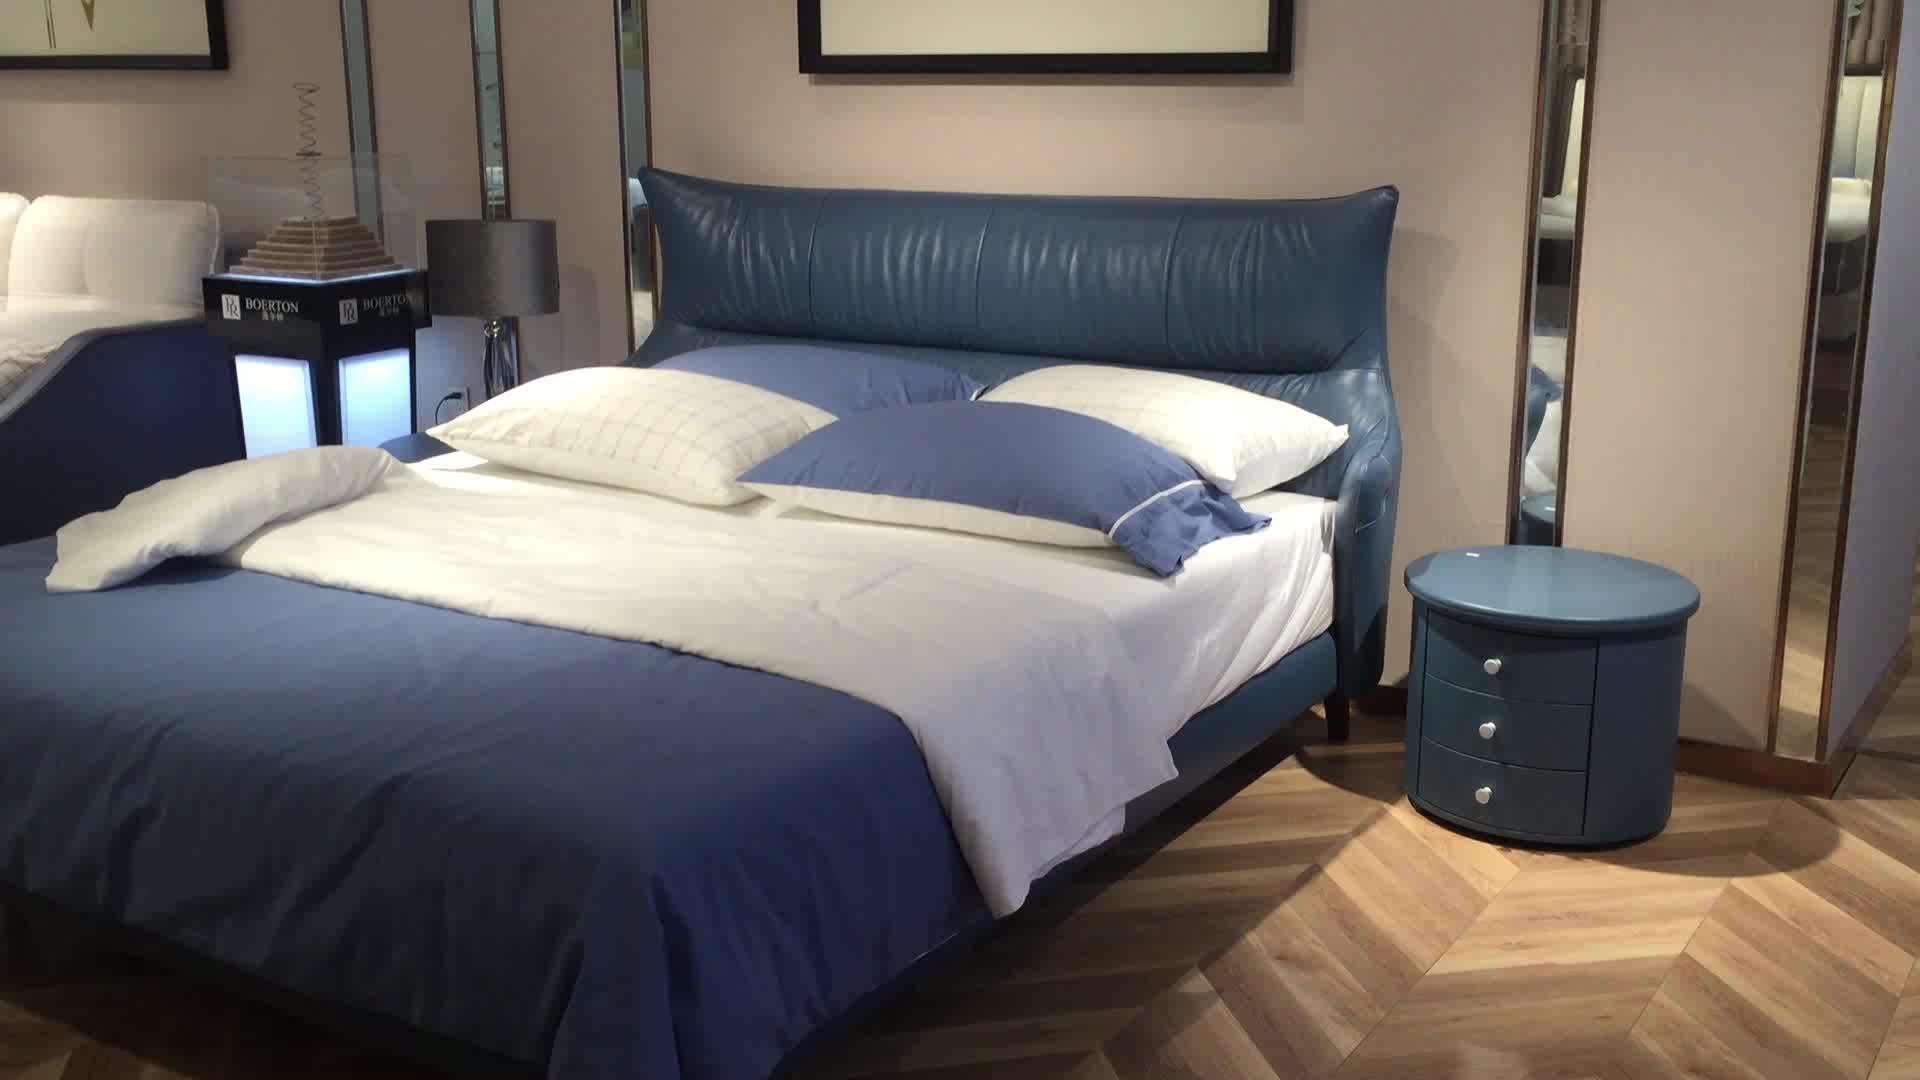 Yeni çok fonksiyonlu dubai yatak mobilya lüks deri tik mdf ahşap çift kişilik yatak lüks ahşap çift kişilik yatak modern tasarımlar